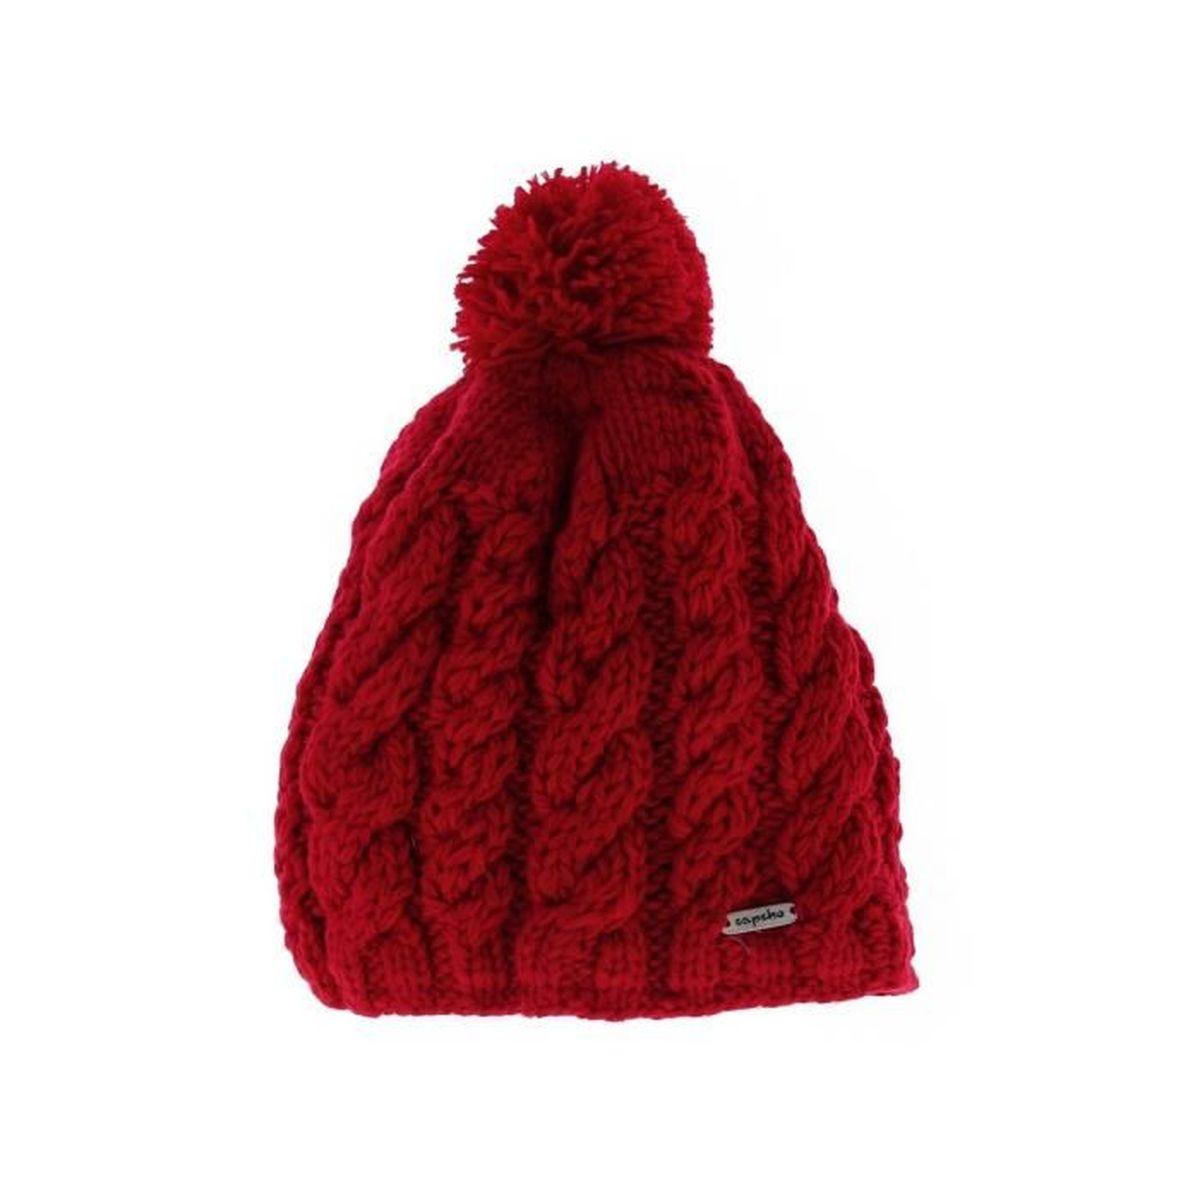 Doublure Saki Polaire Rouge Bonnet Capcho Achat Acrylique Et q4wvwWEf